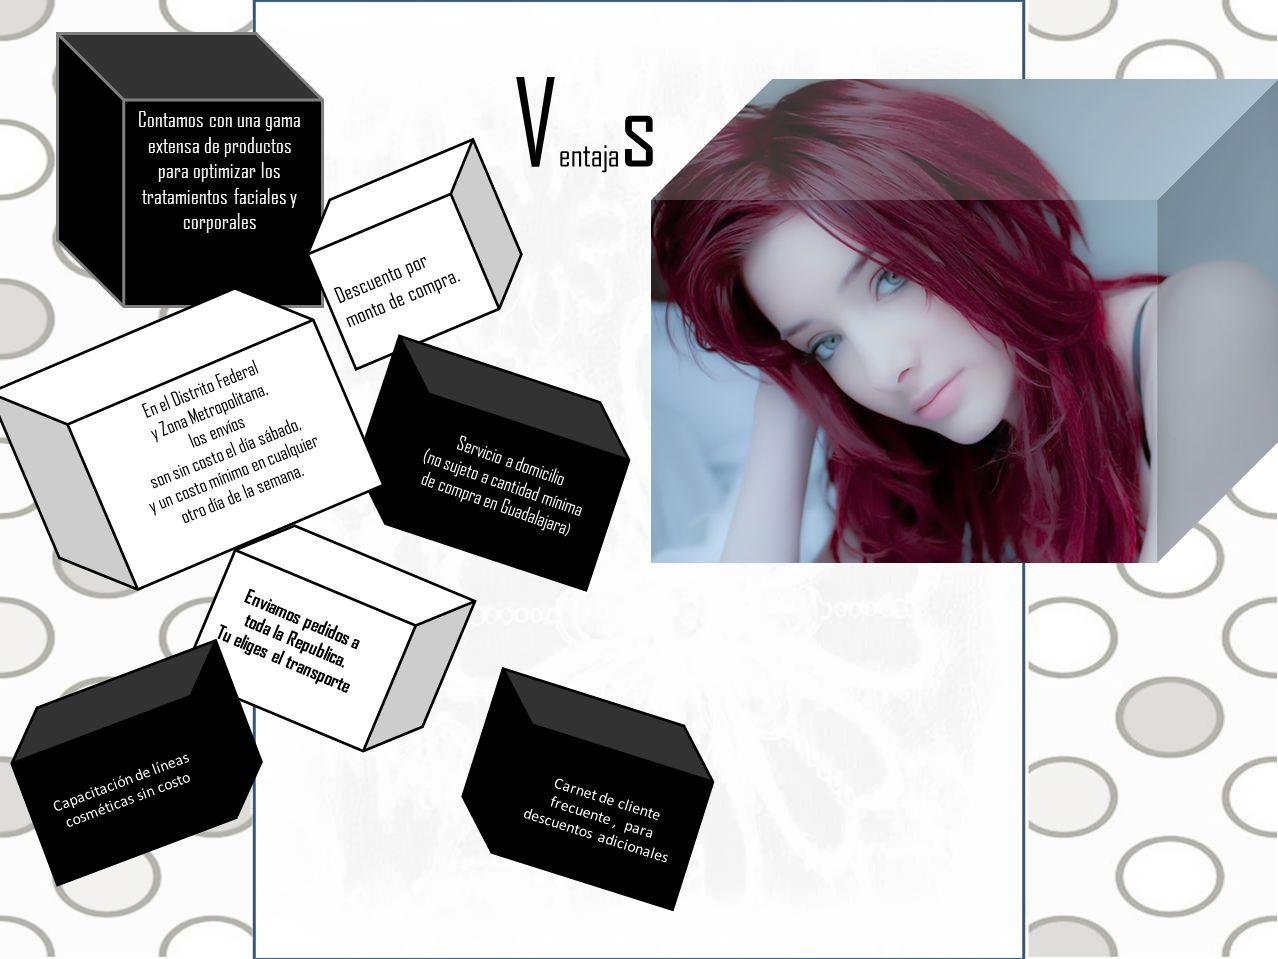 V entaja s Contamos con una gama extensa de productos para optimizar los tratamientos faciales y corporales Descuento por monto de compra. Servicio a